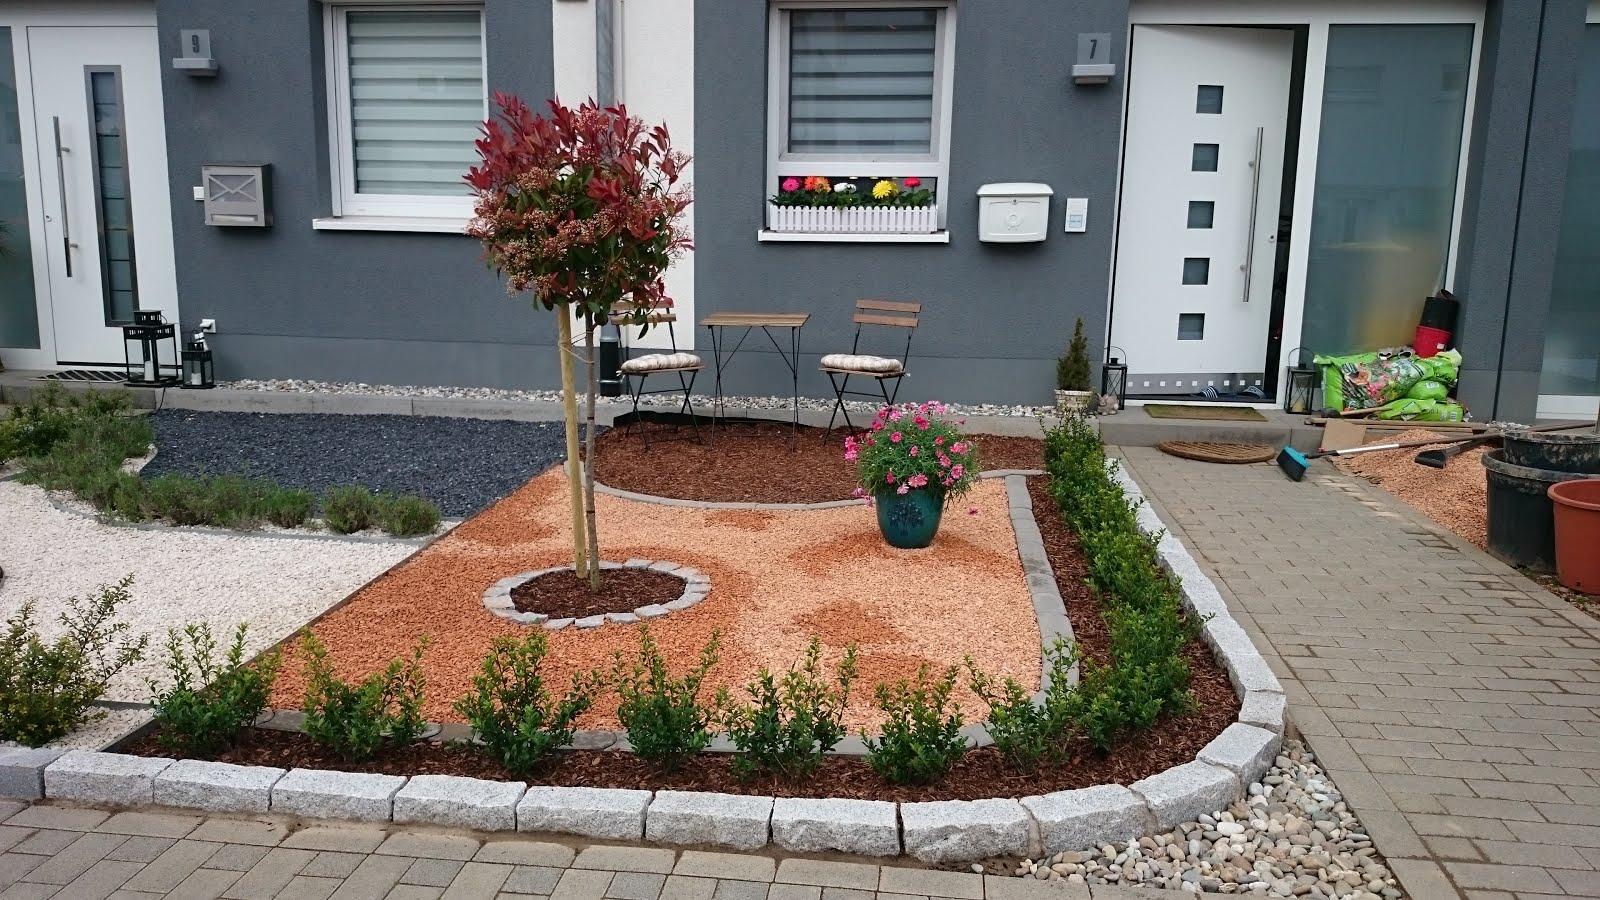 Rindenmulch Am Hang | Gartengestaltung Ideen Hang Minimalistische